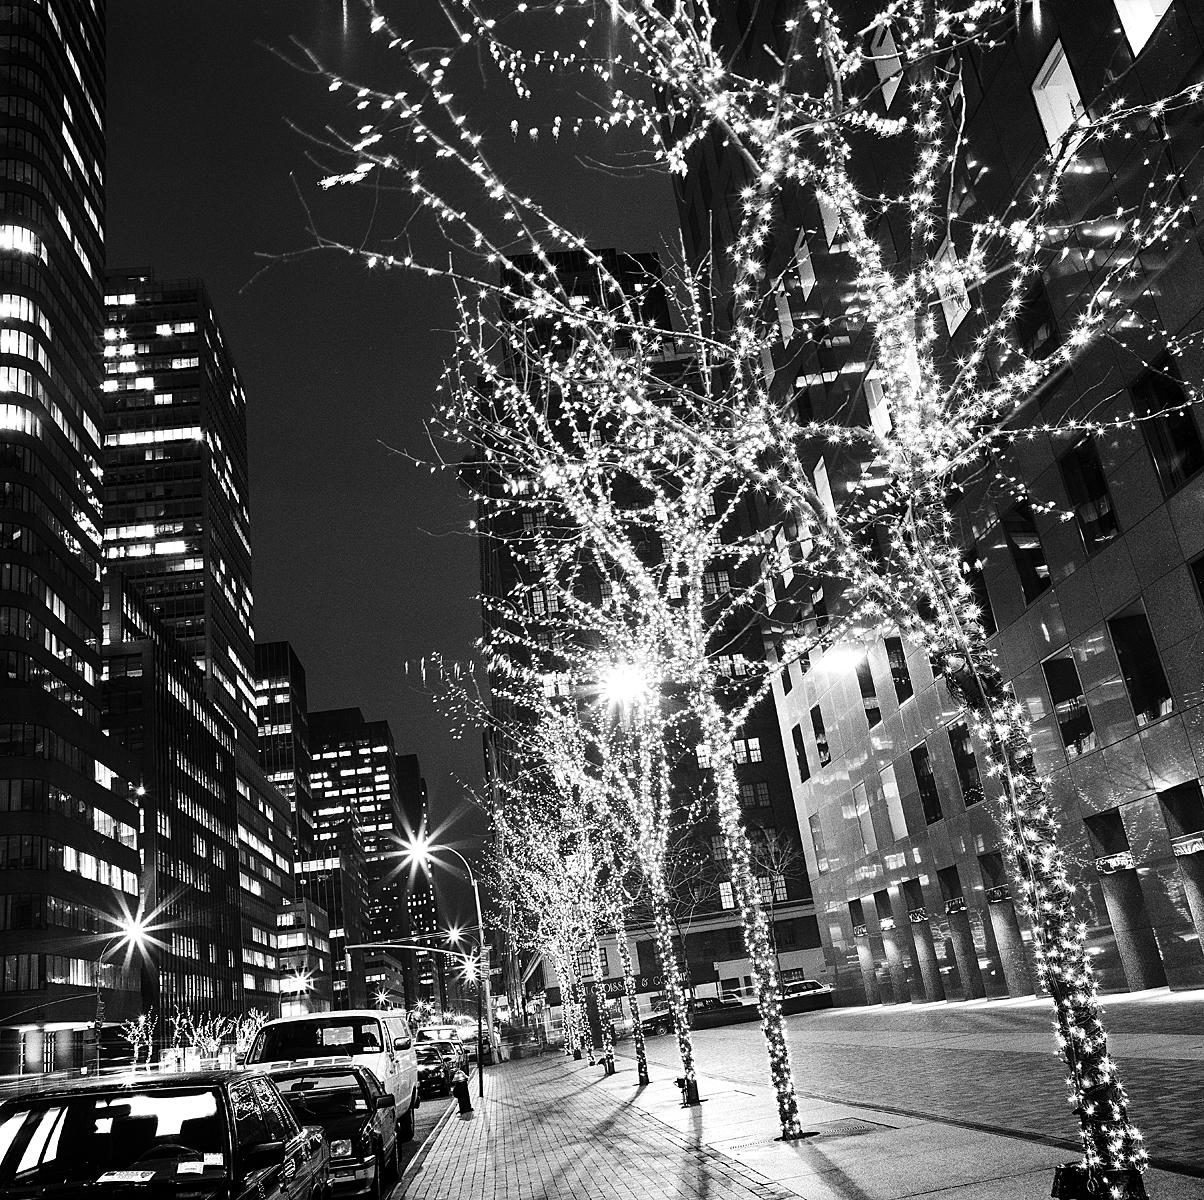 x mas trees on street.jpg